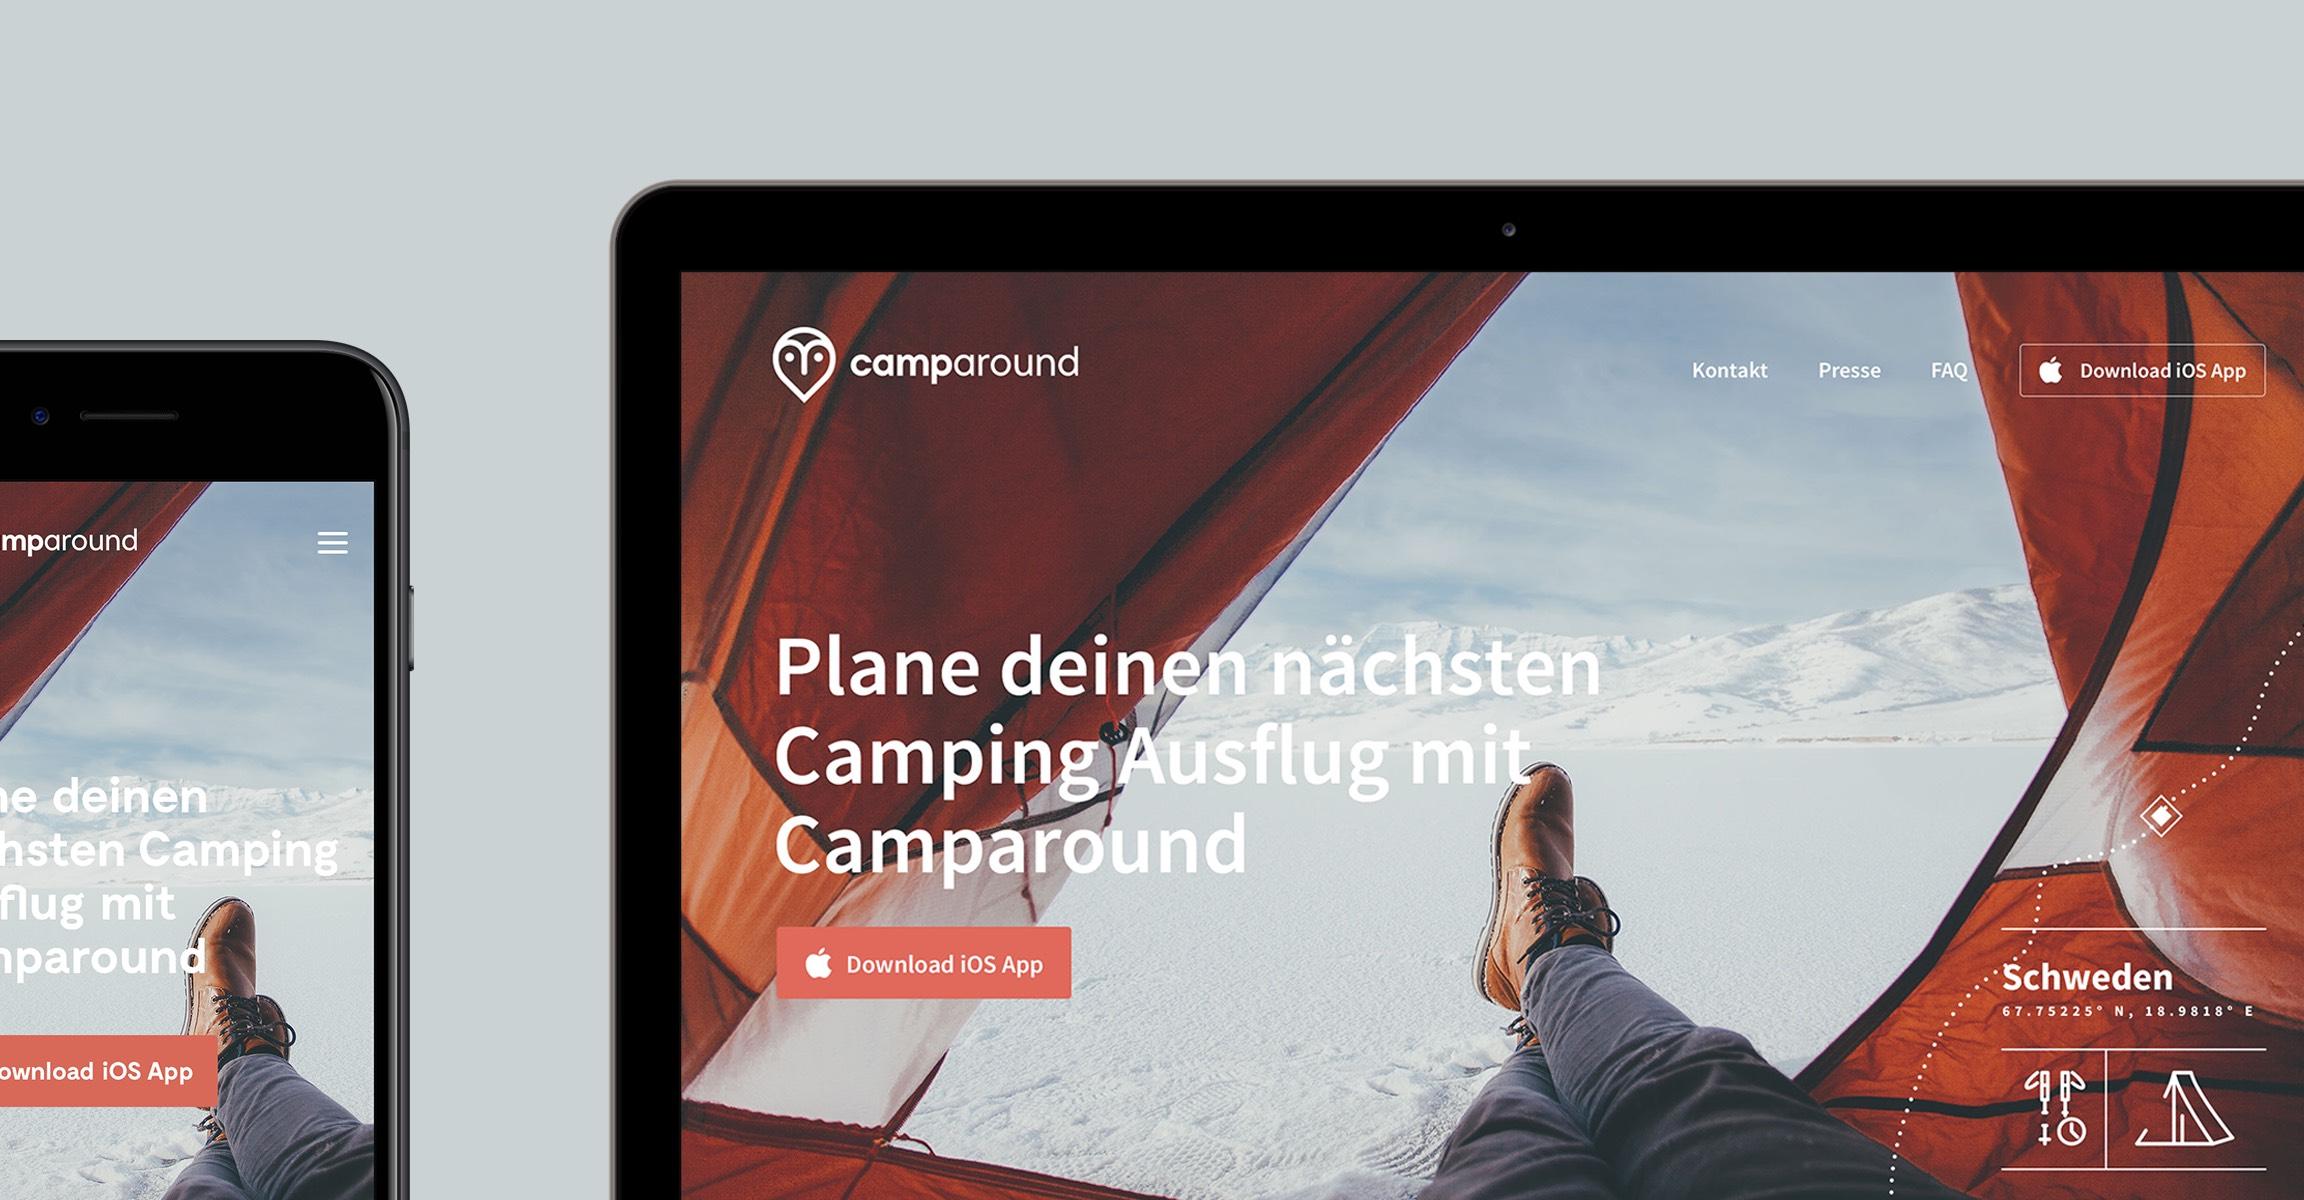 Camparound Referenz Slide 1 Webdesigner aus Schleswig-Holstein